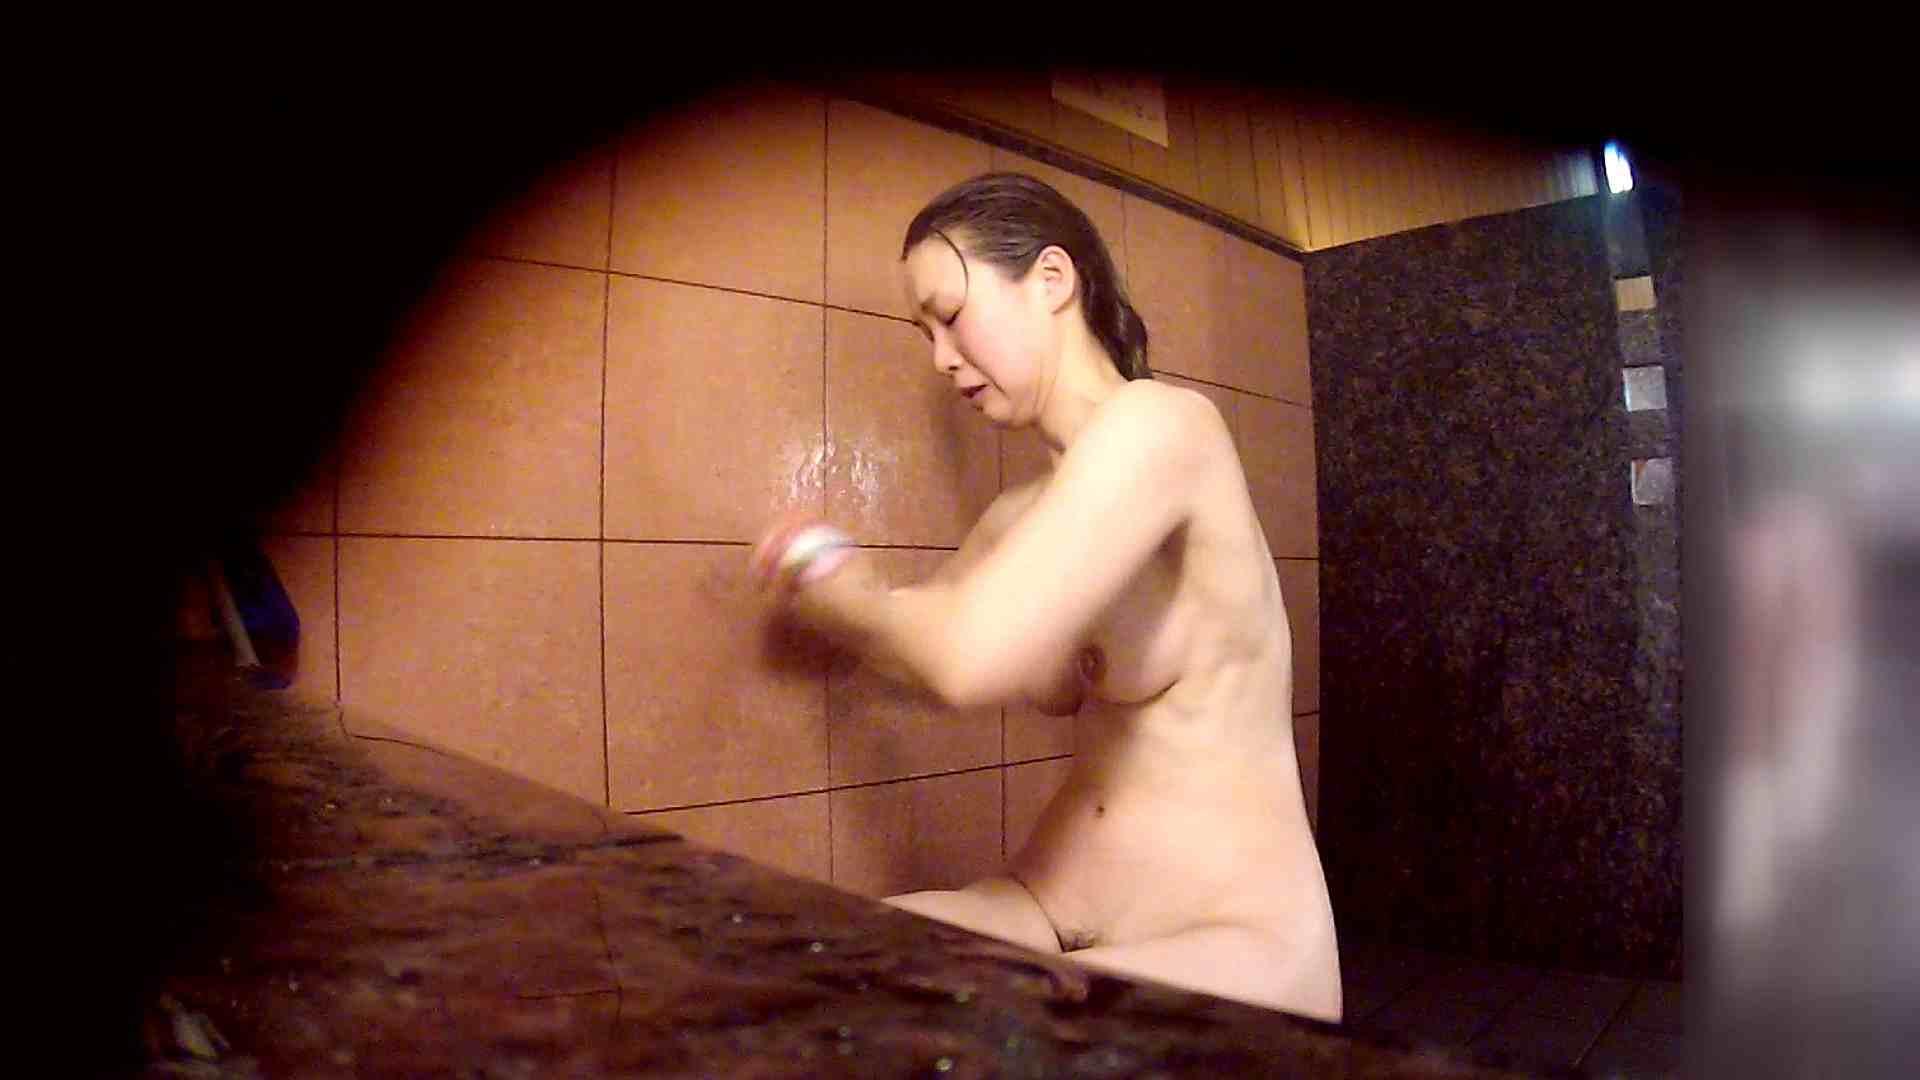 洗い場!マッスルお嬢さん!でもオッパイだけは柔らかそうです。 むっちりガール ワレメ無修正動画無料 76枚 10